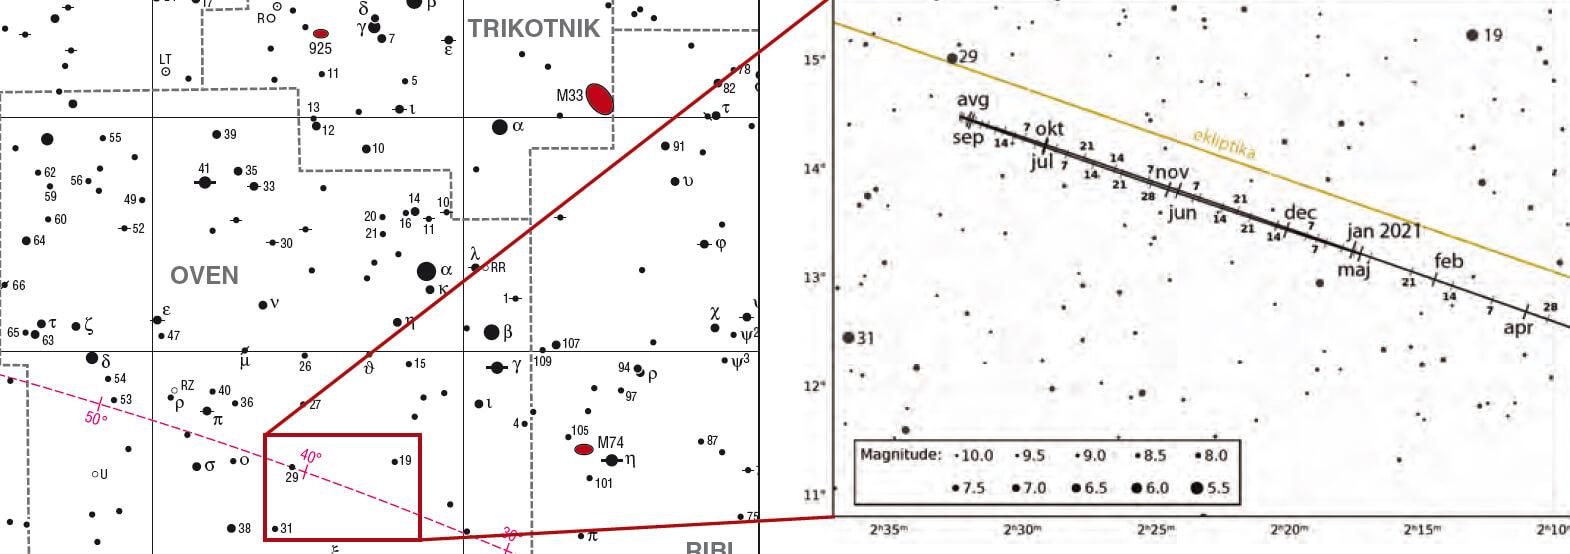 ran je tretji največji planet v našem Osončju in tako kot vsi zunanji planeti je tudi on plinasti velikan. Letos je v opoziciji 31. oktobra 2020 (kar je leto in tri dni po lanski opoziciji), najdemo pa ga v ozvezdju Oven.